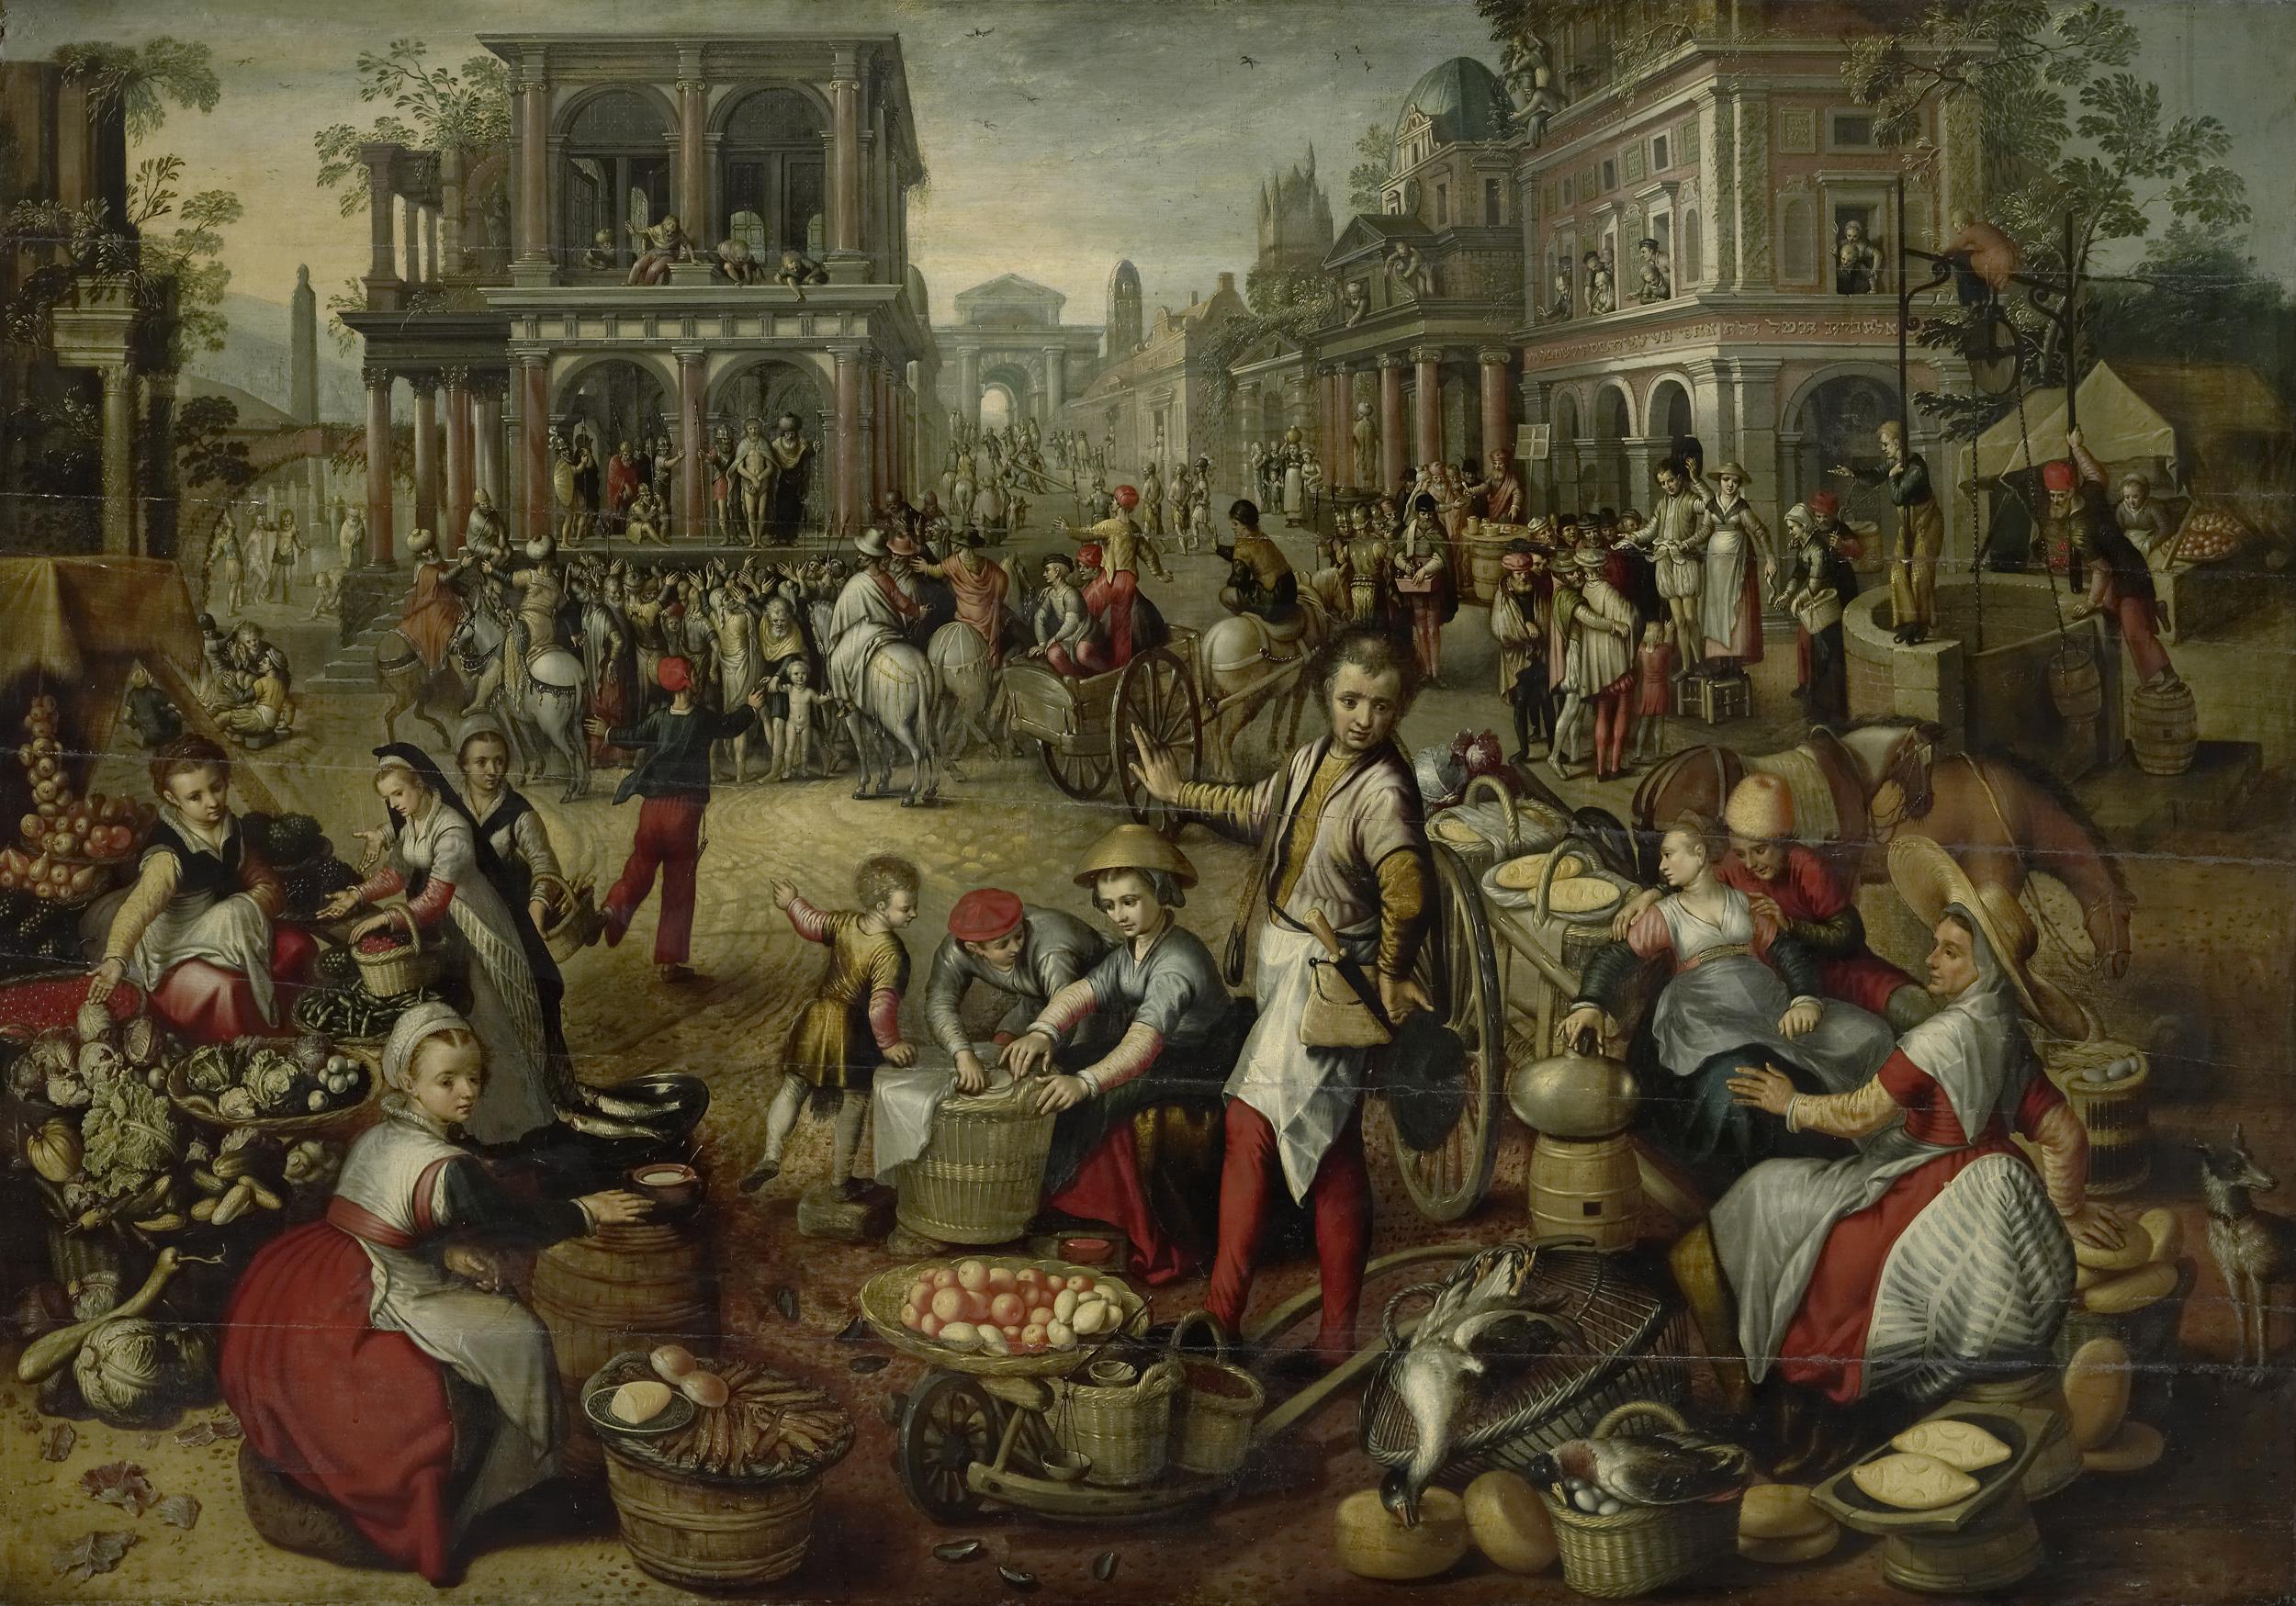 File:Marktplein, met op de achtergrond de geseling, Ecce homo en de  kruisdraging